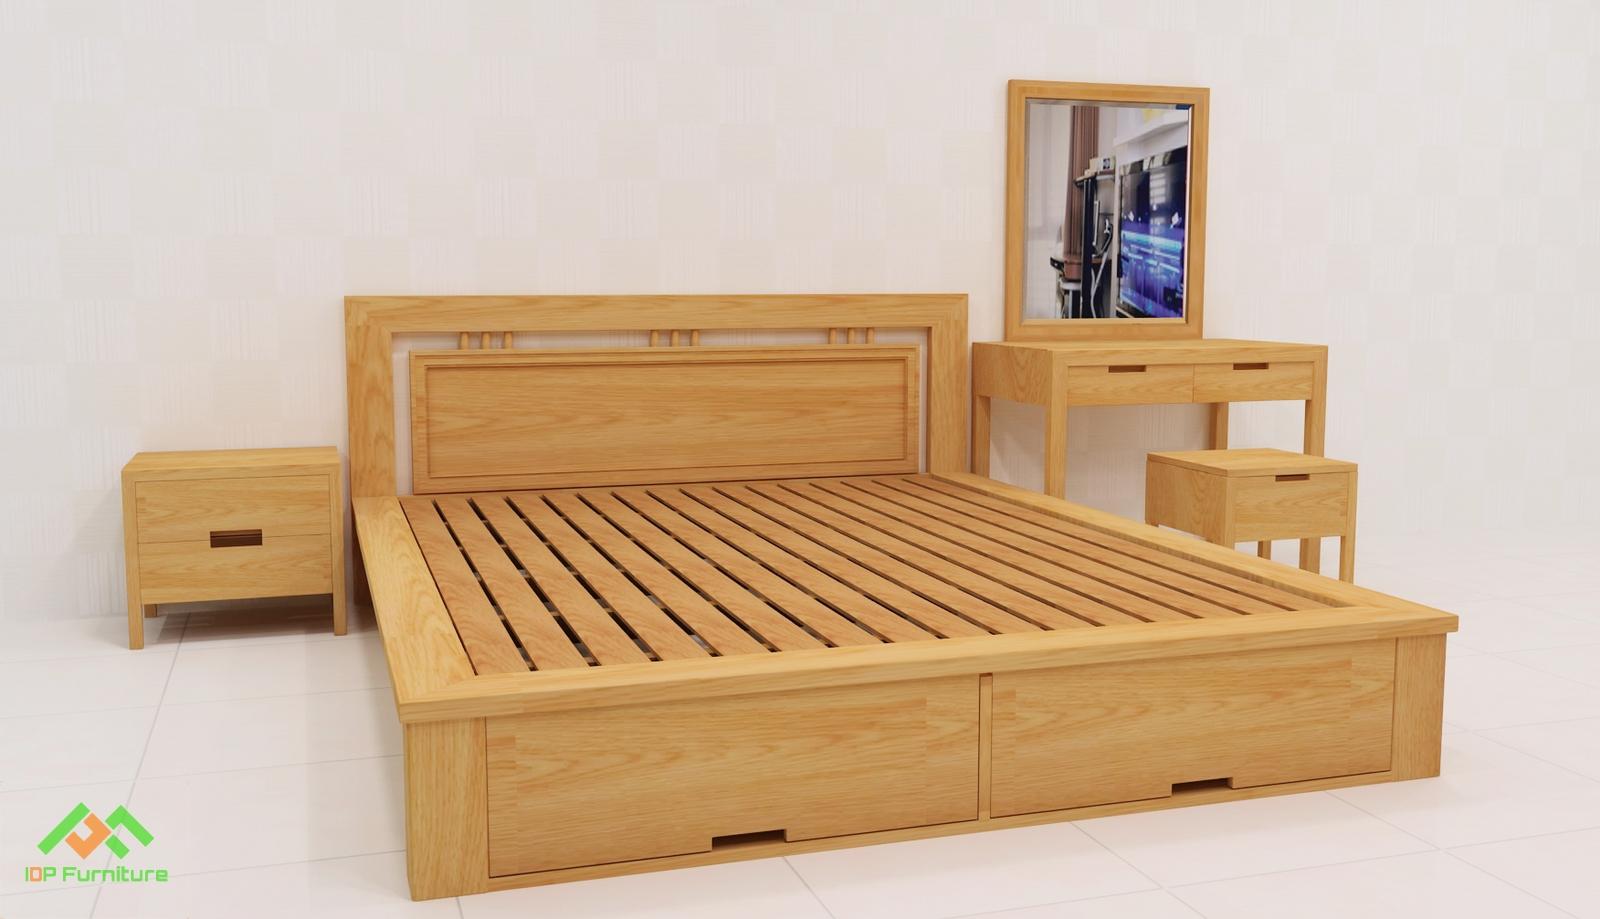 Giường ngủ gỗ sồi  phong cách hiện đại GN6811